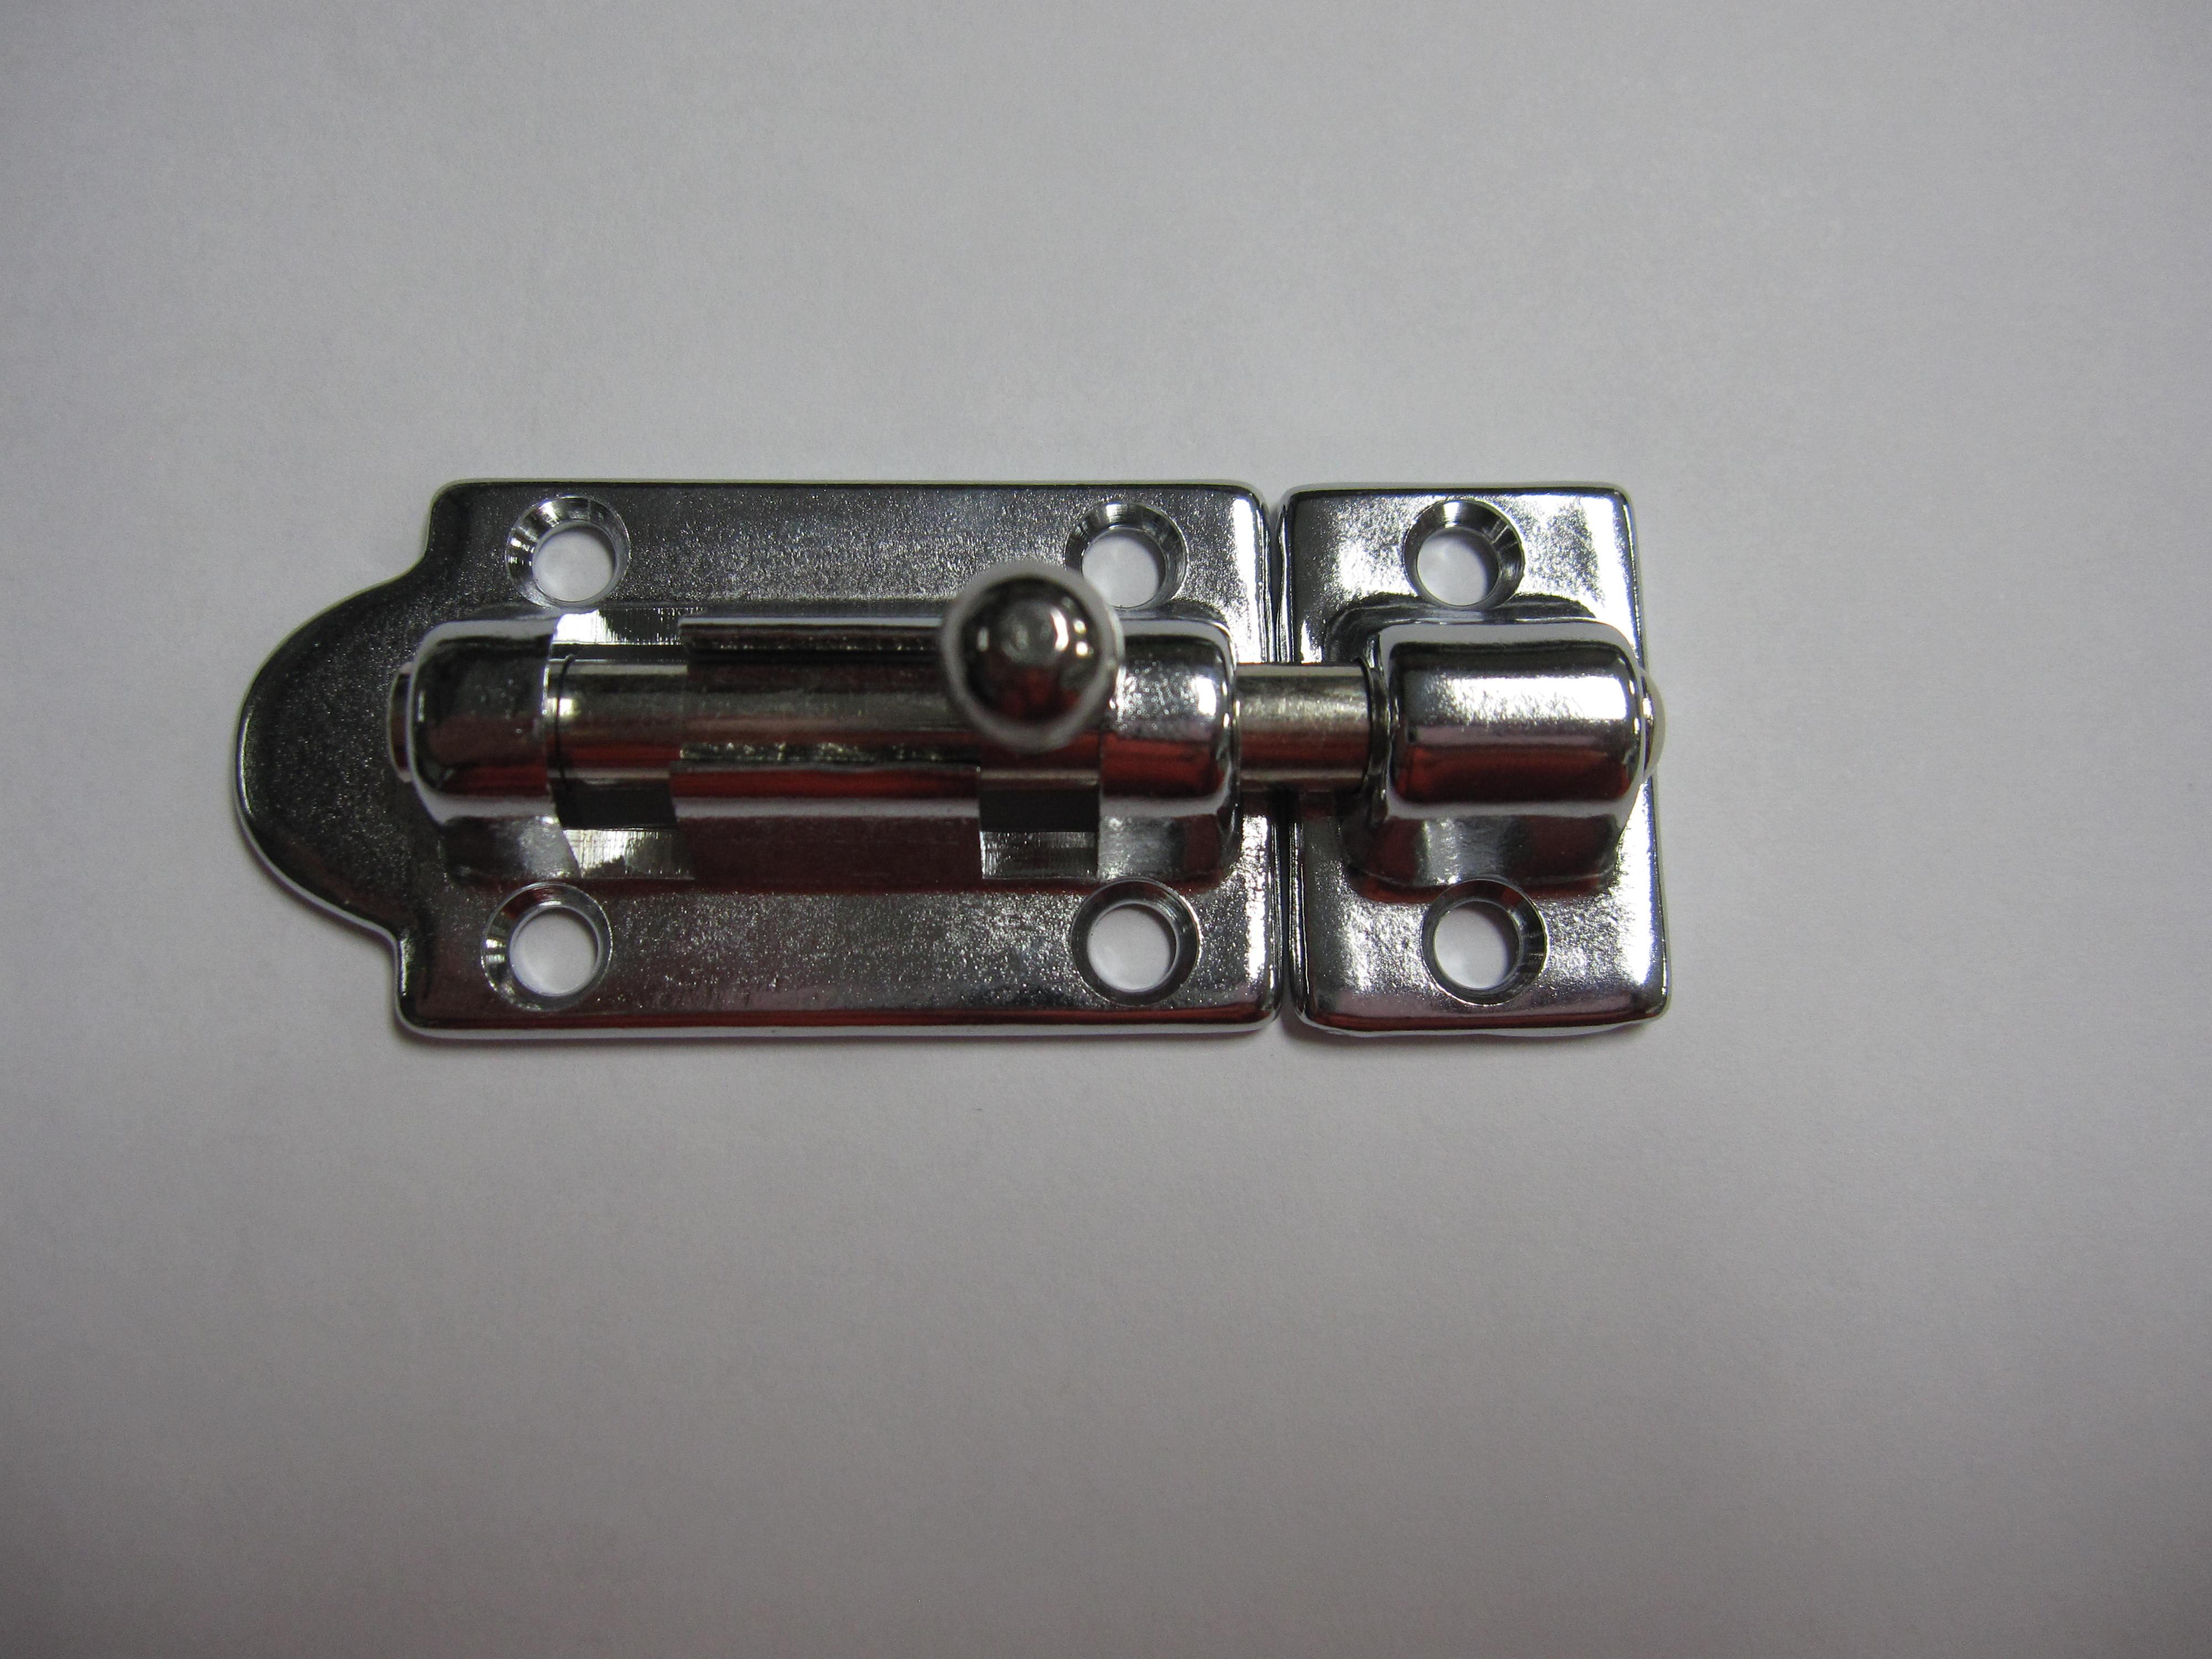 9.24 - Σύρτης Ορειχάλικινος Χρωμιομένος Ασφάλειας 72mm x 30mm